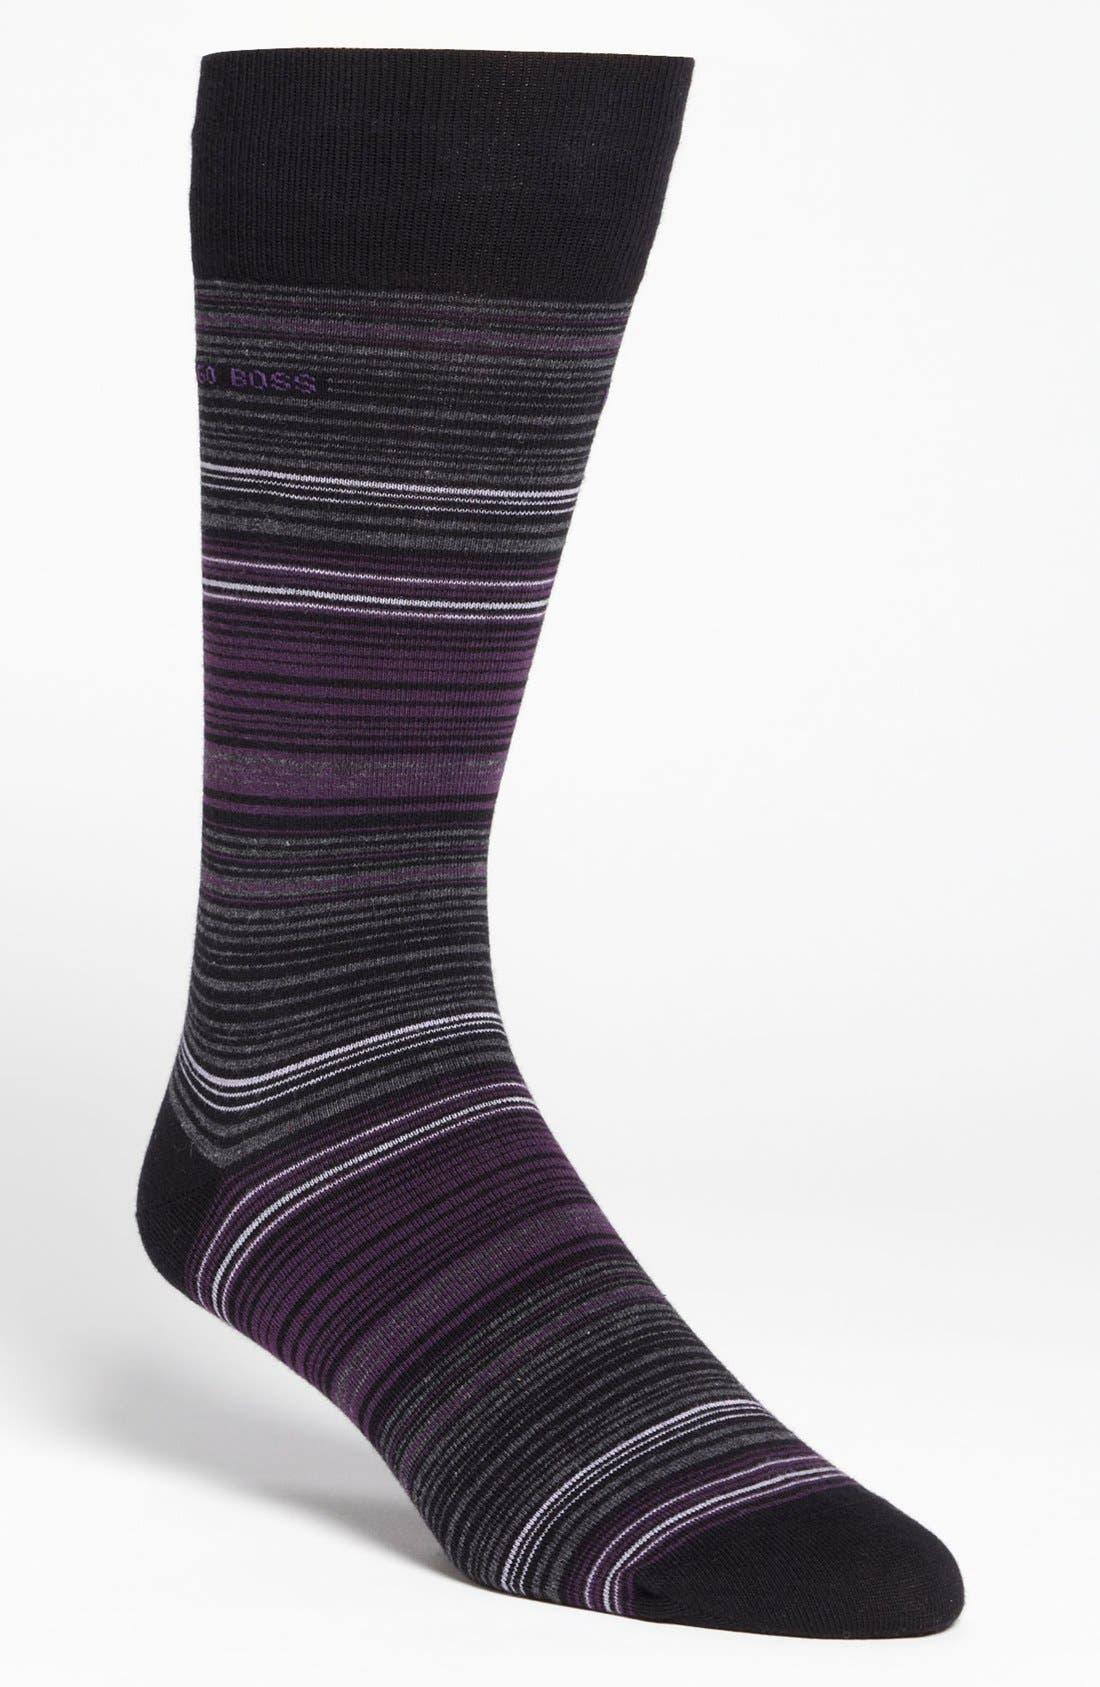 Main Image - BOSS HUGO BOSS 'RS Design' Socks